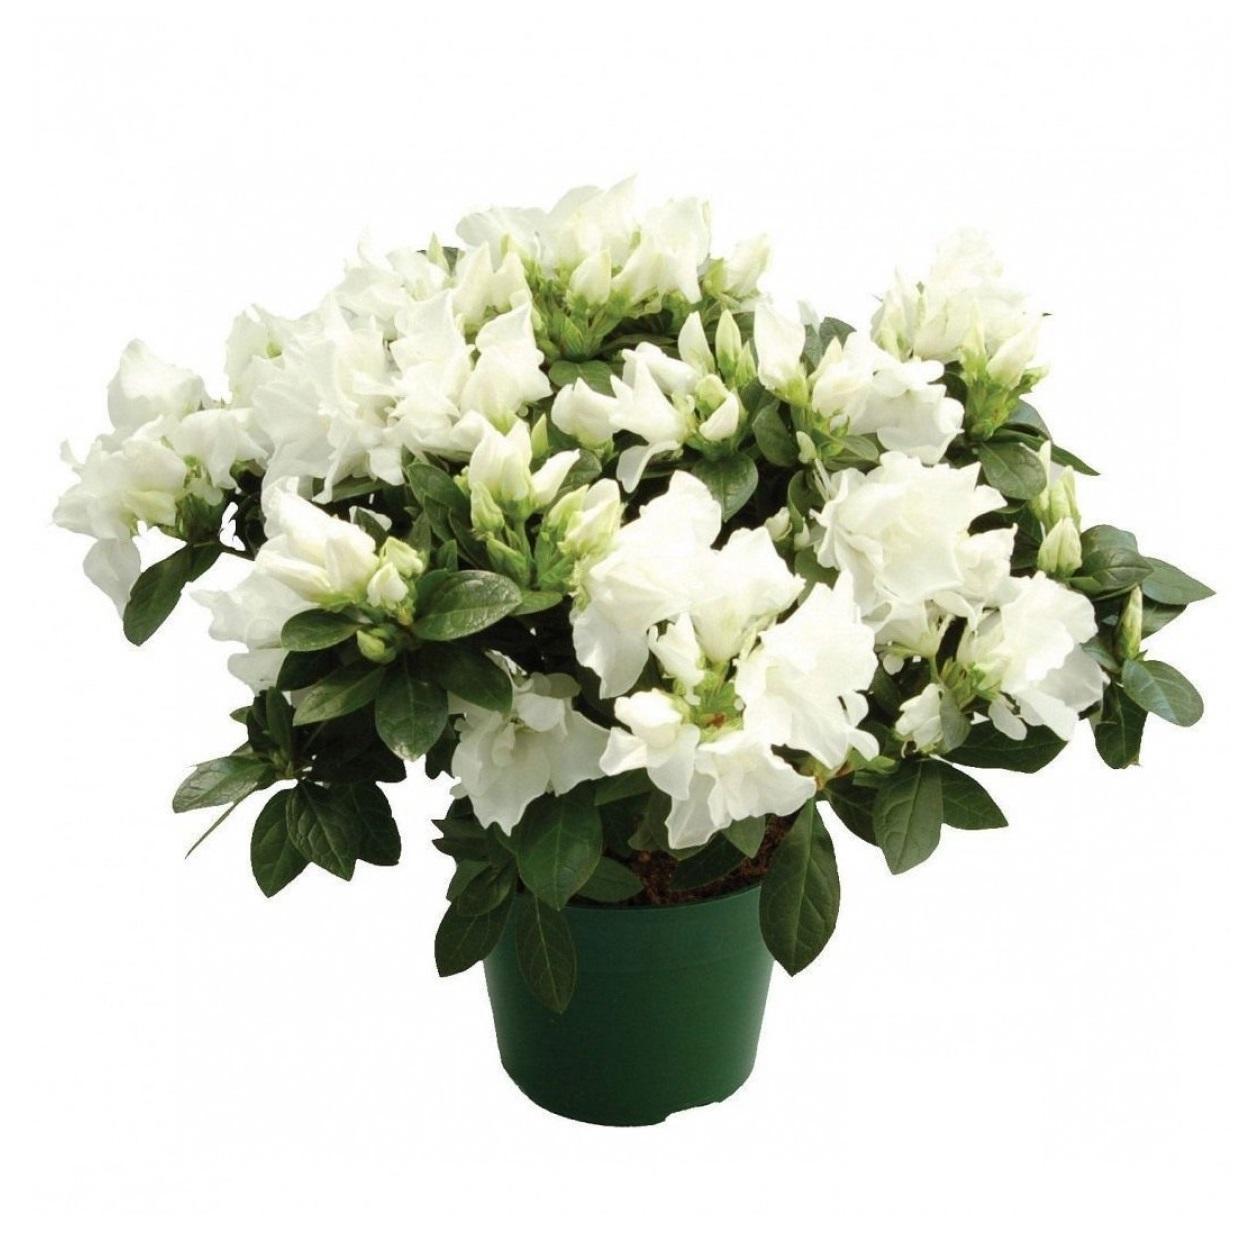 торговлей комнатный цветок с белыми цветами фото можно